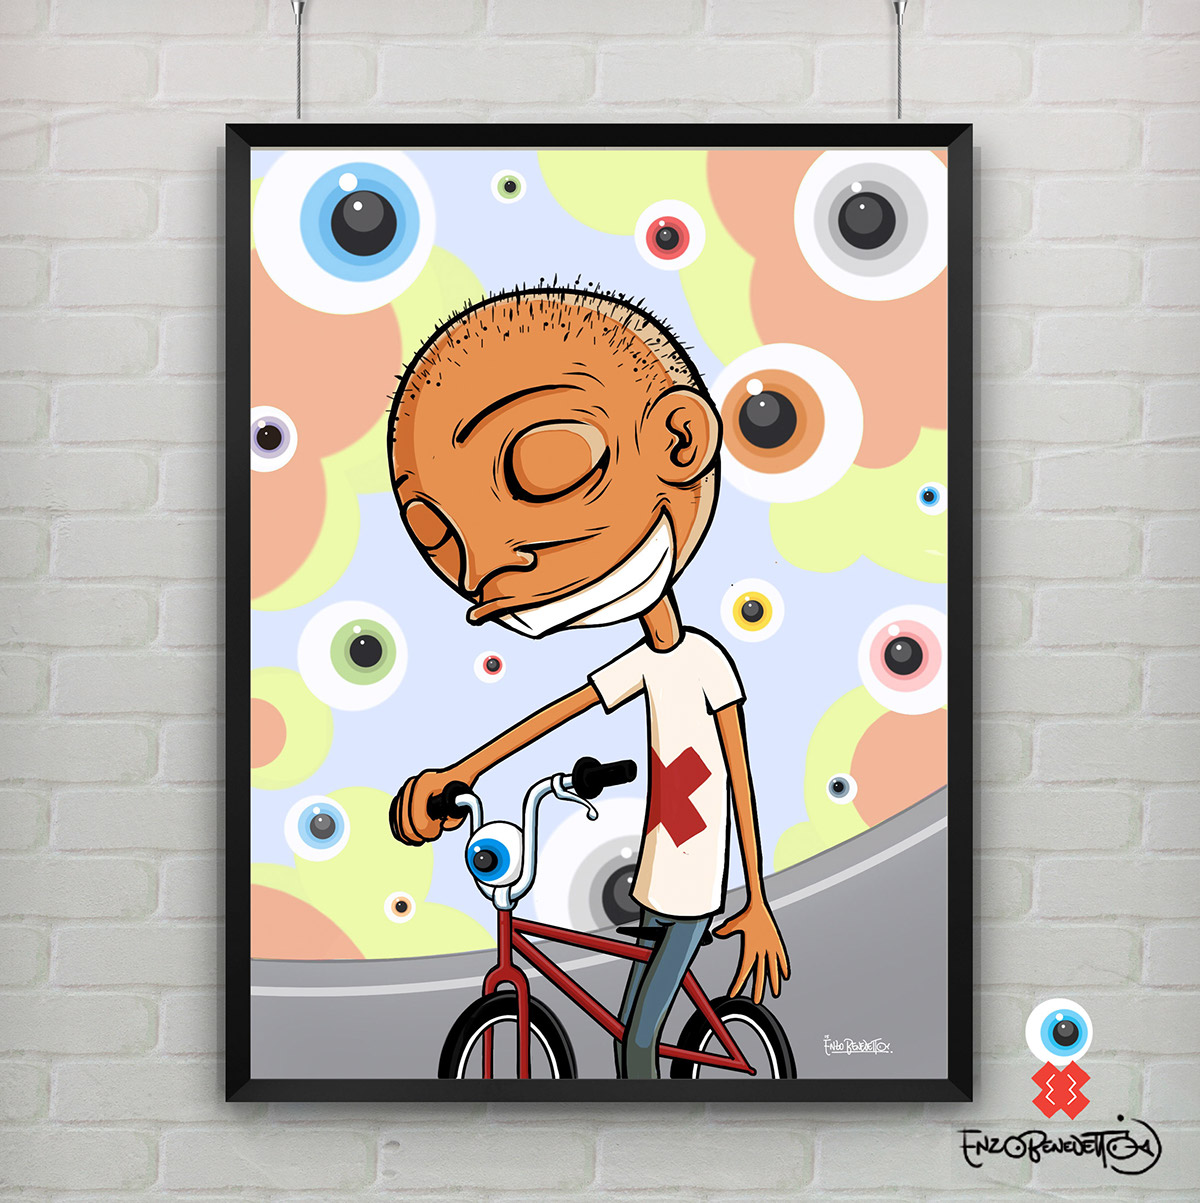 cycle,boy,guy,head,marzocchi,bmx,Enzo Benedetto,kona,Bike,PUSSY BIKE